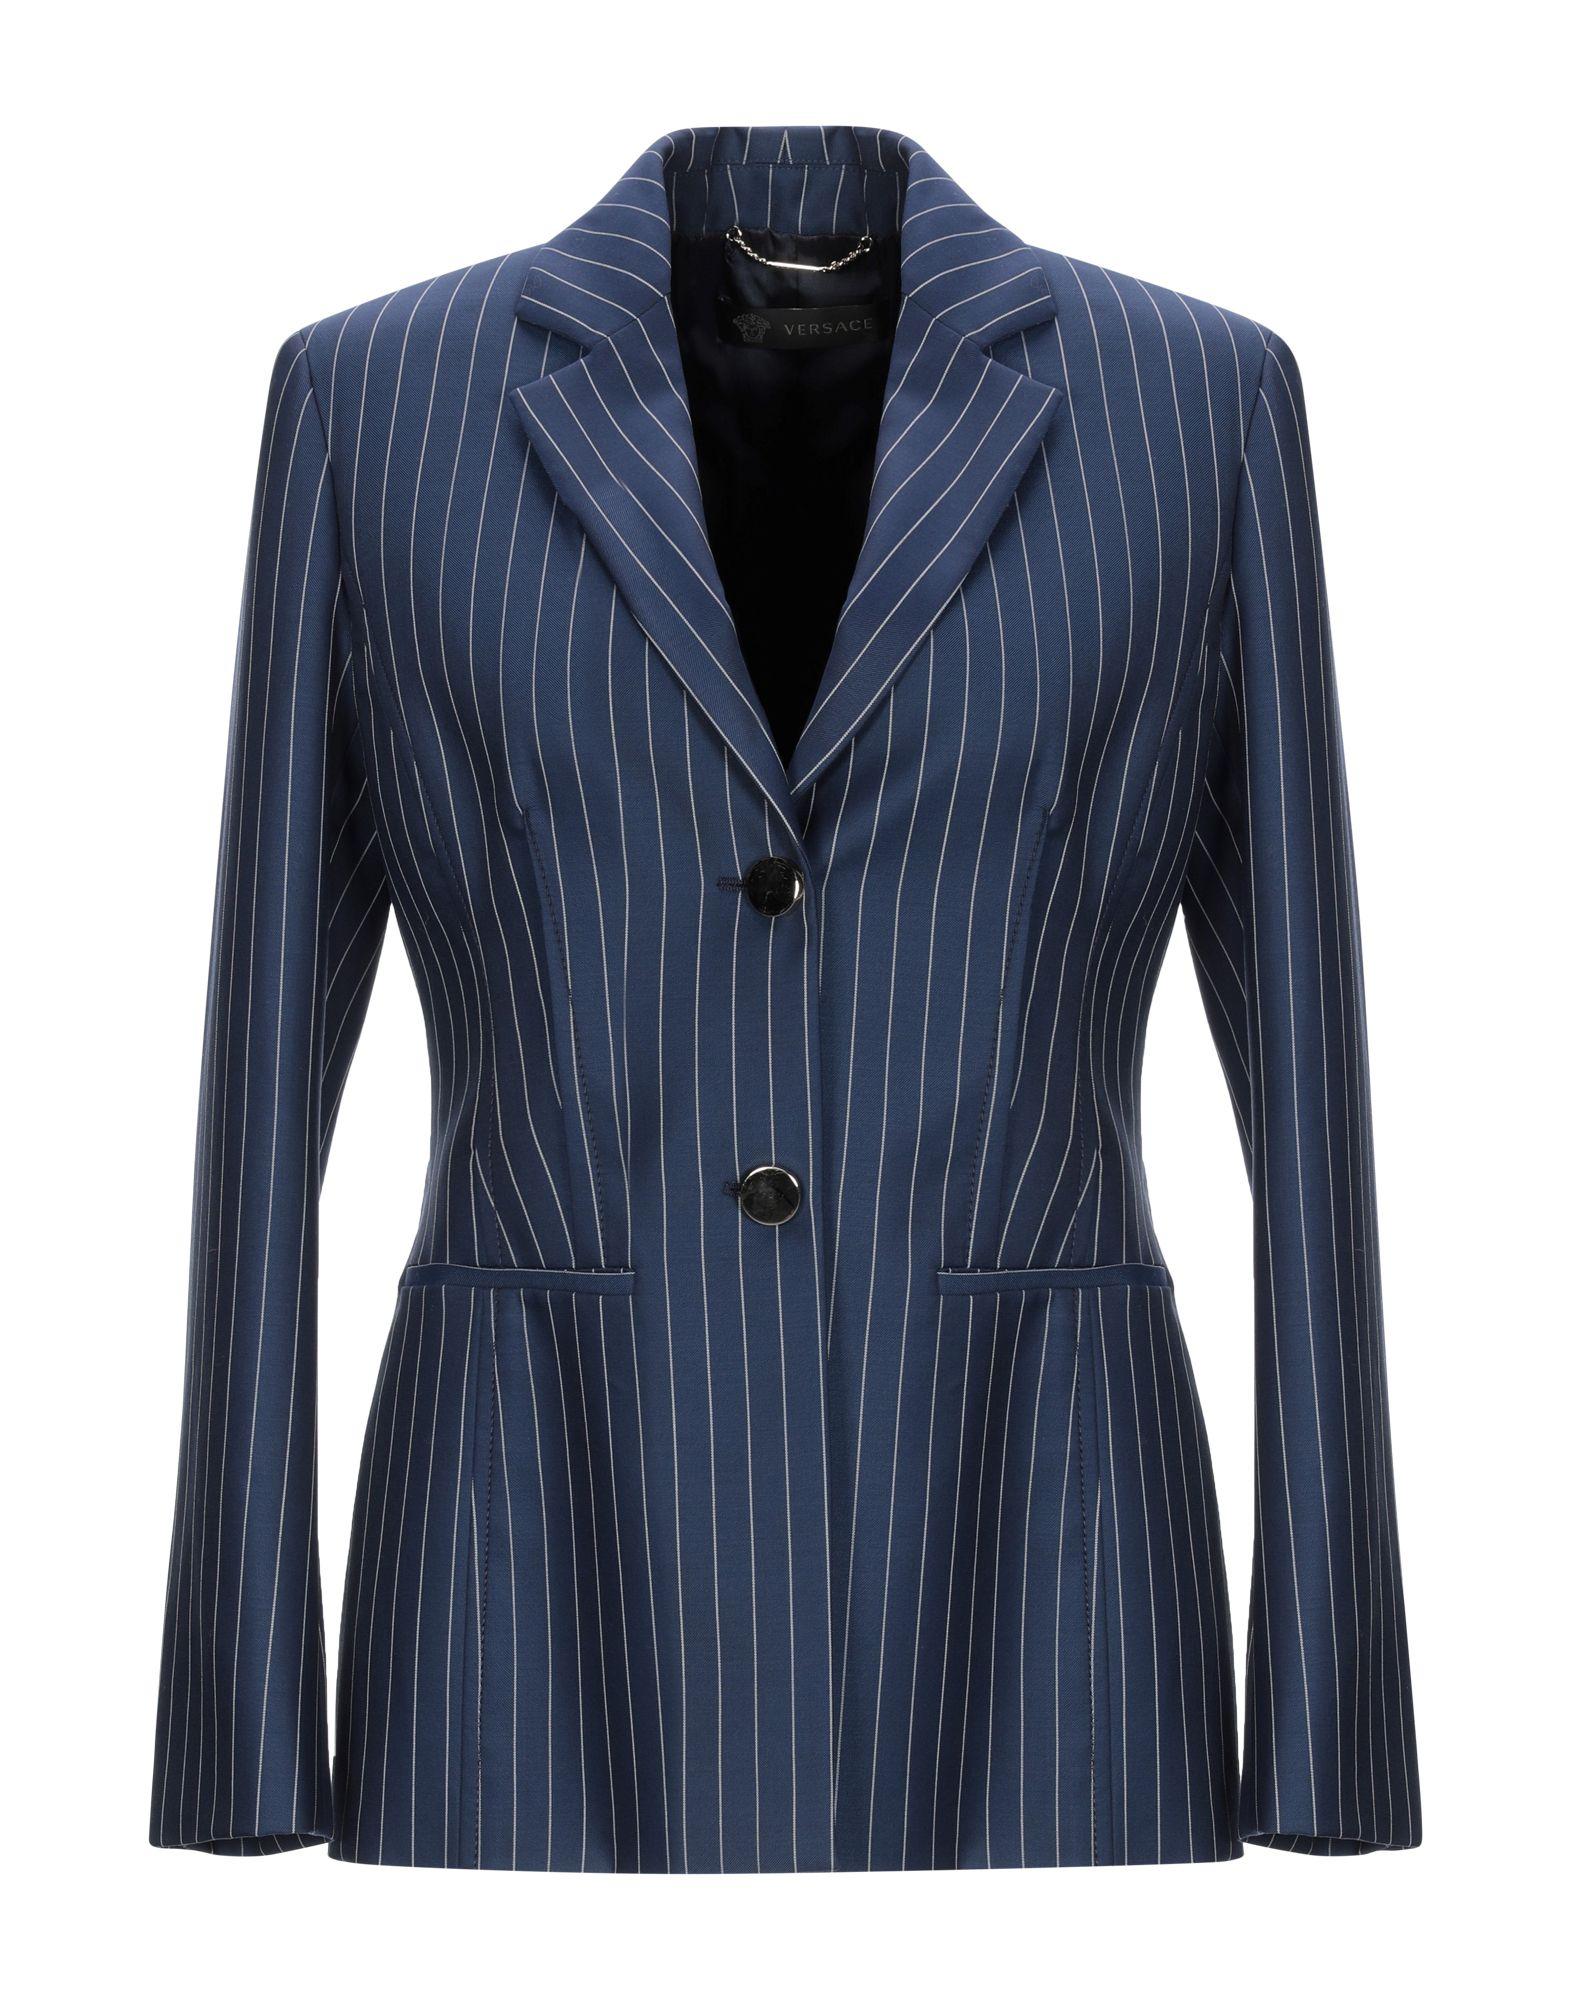 VERSACE Пиджак шерстяной пиджак мужской купить в москве